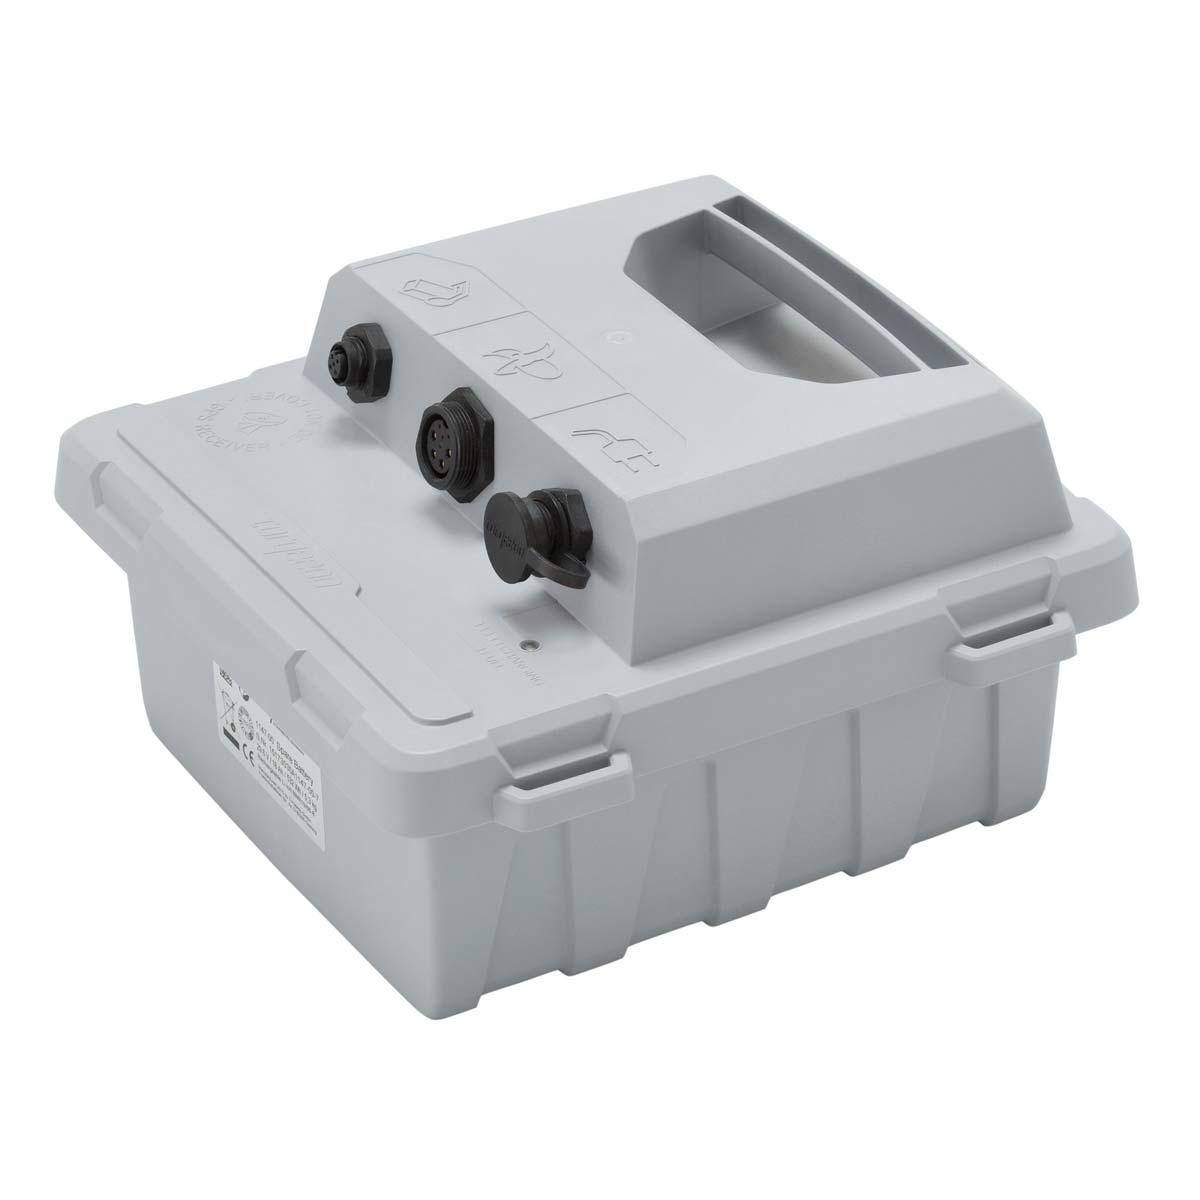 Wechselakku 915 Wh Ultralight 403